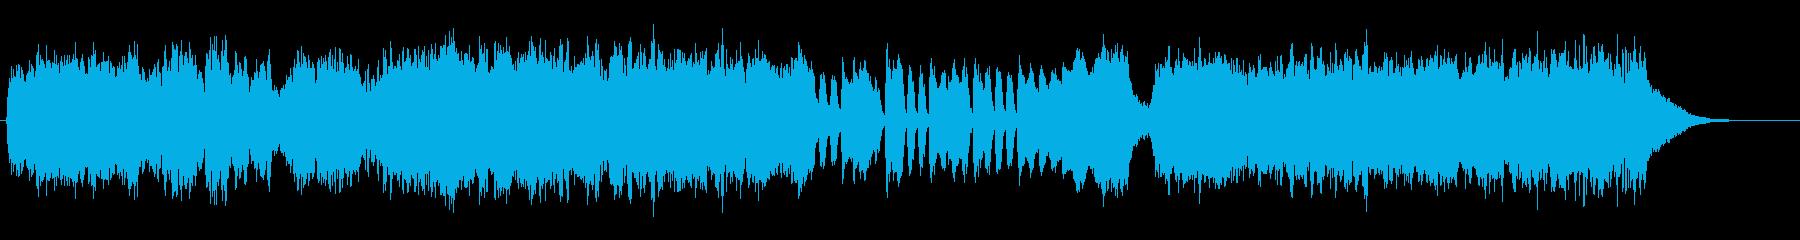 始まりをイメージした曲の再生済みの波形